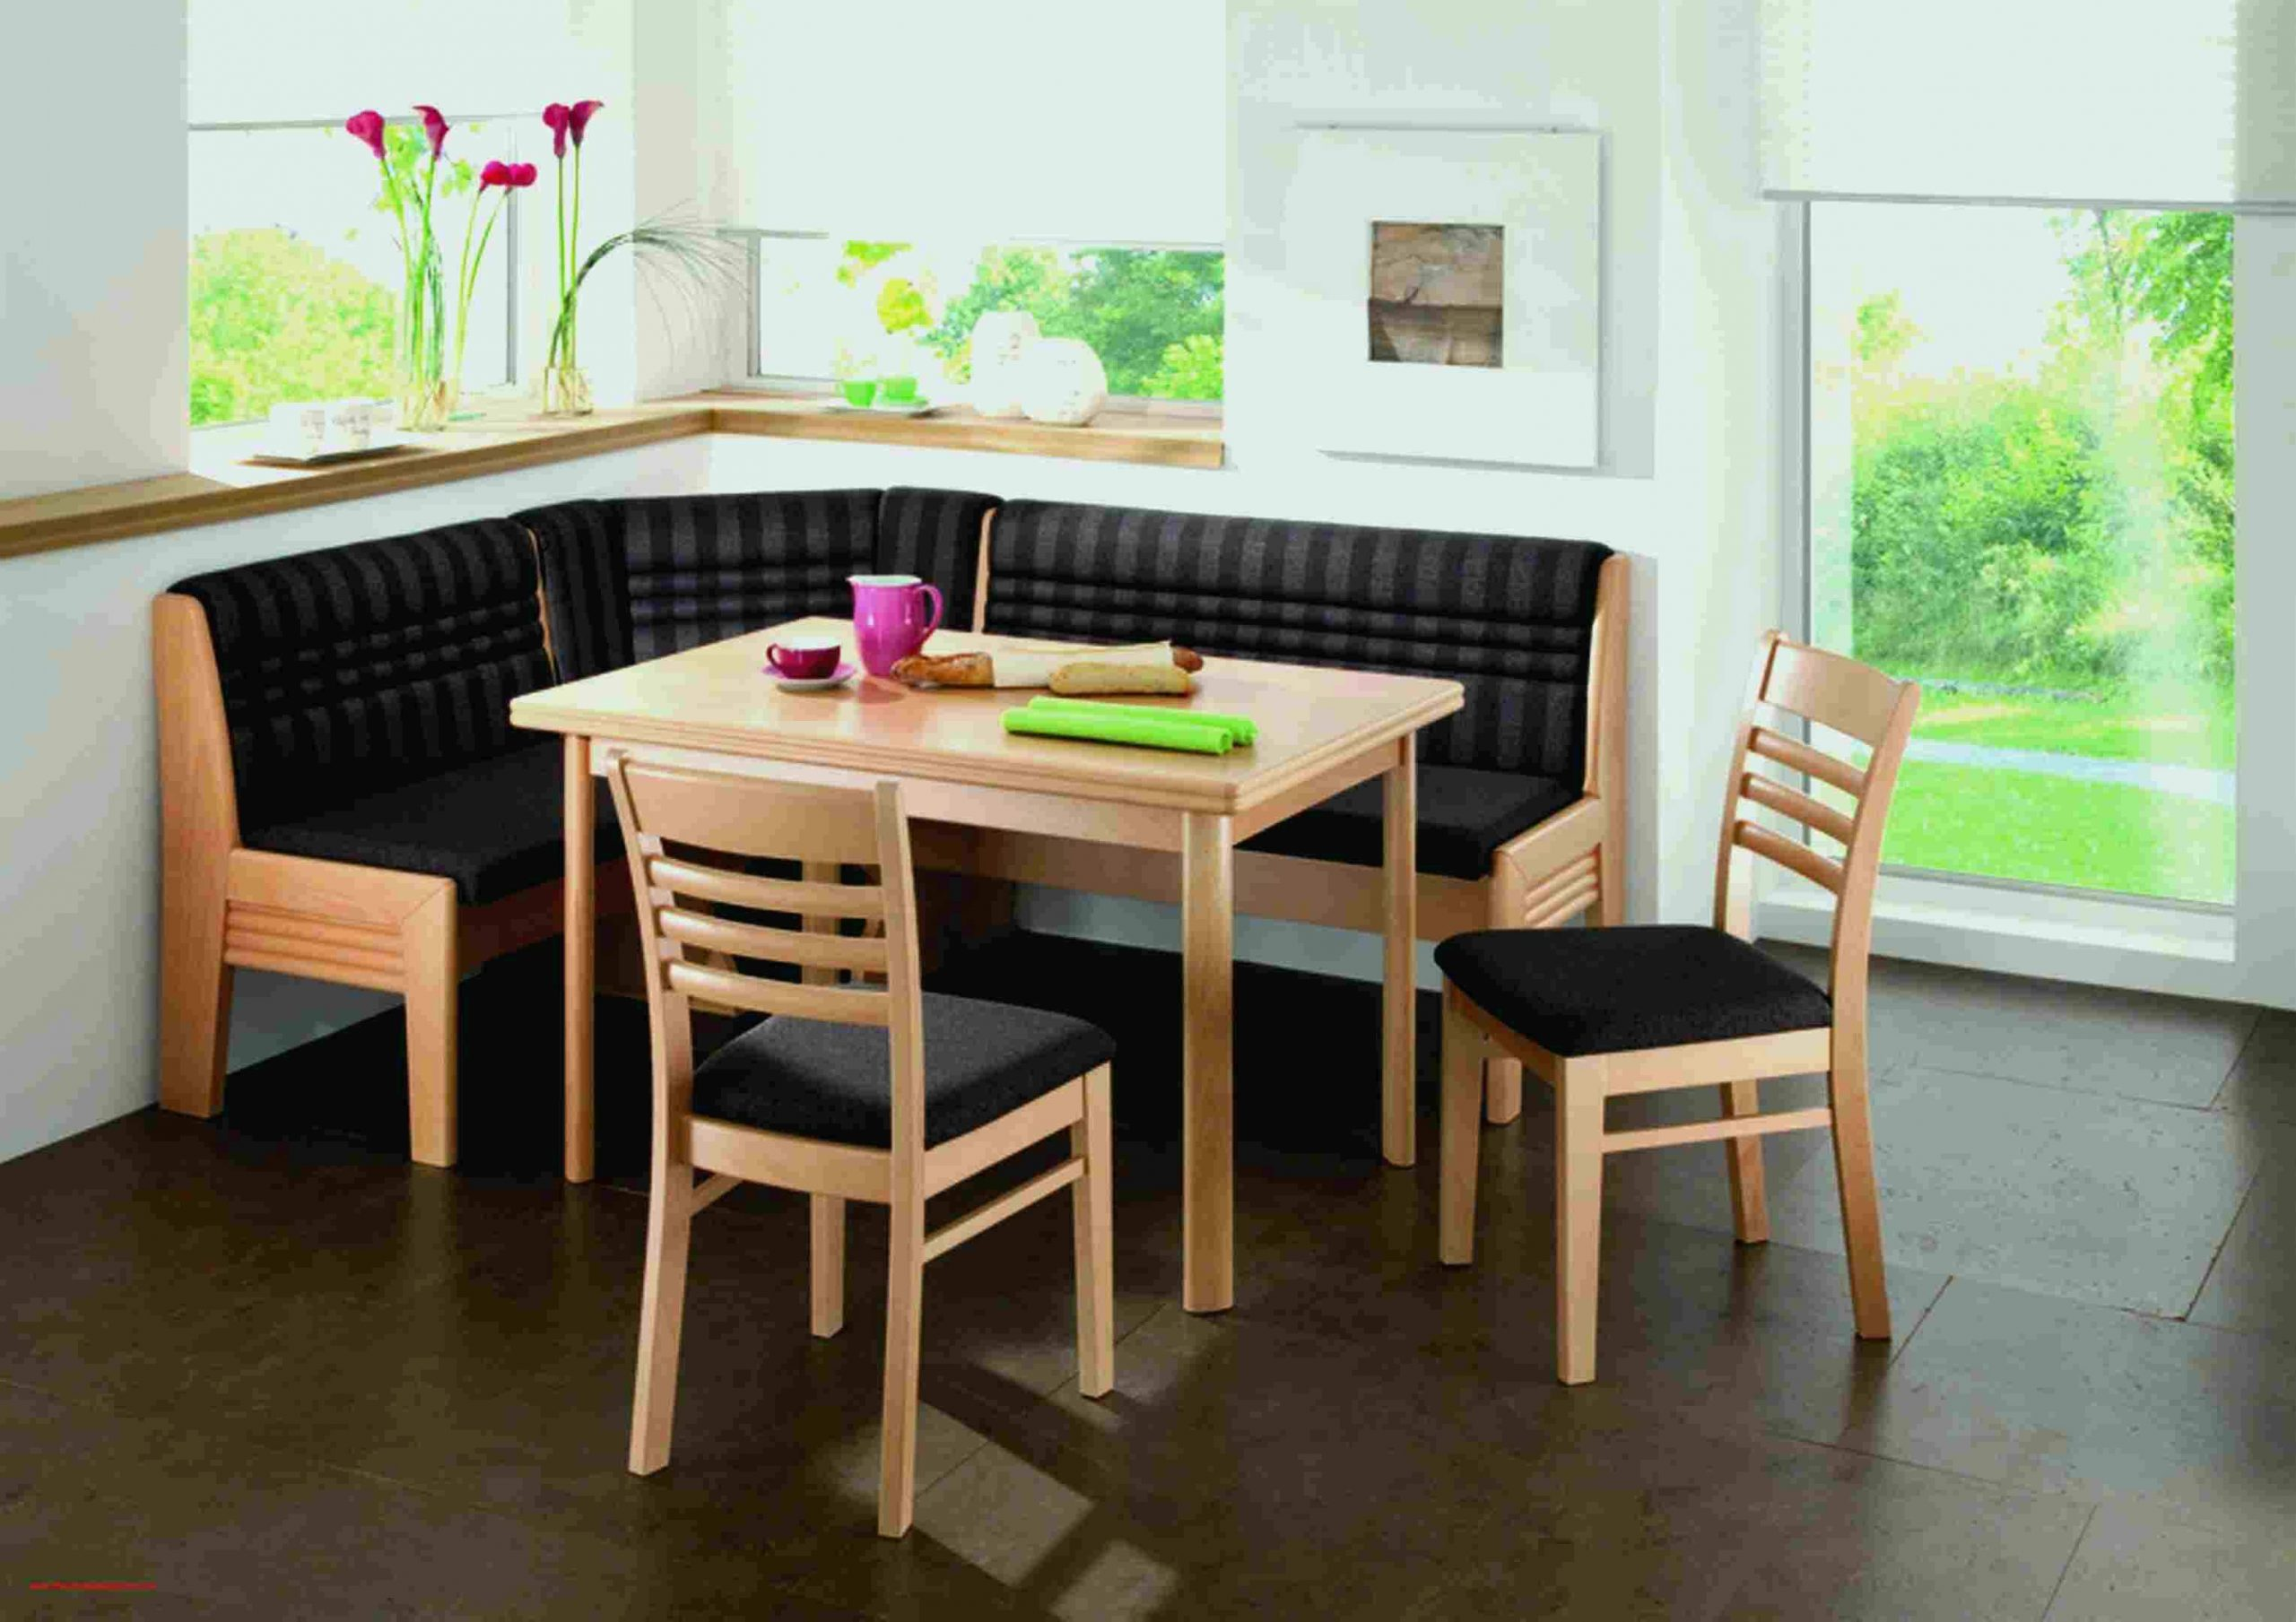 Ebay Gebrauchte Mobel Wohnzimmer Frisch Kleinanzeigen Eckbank